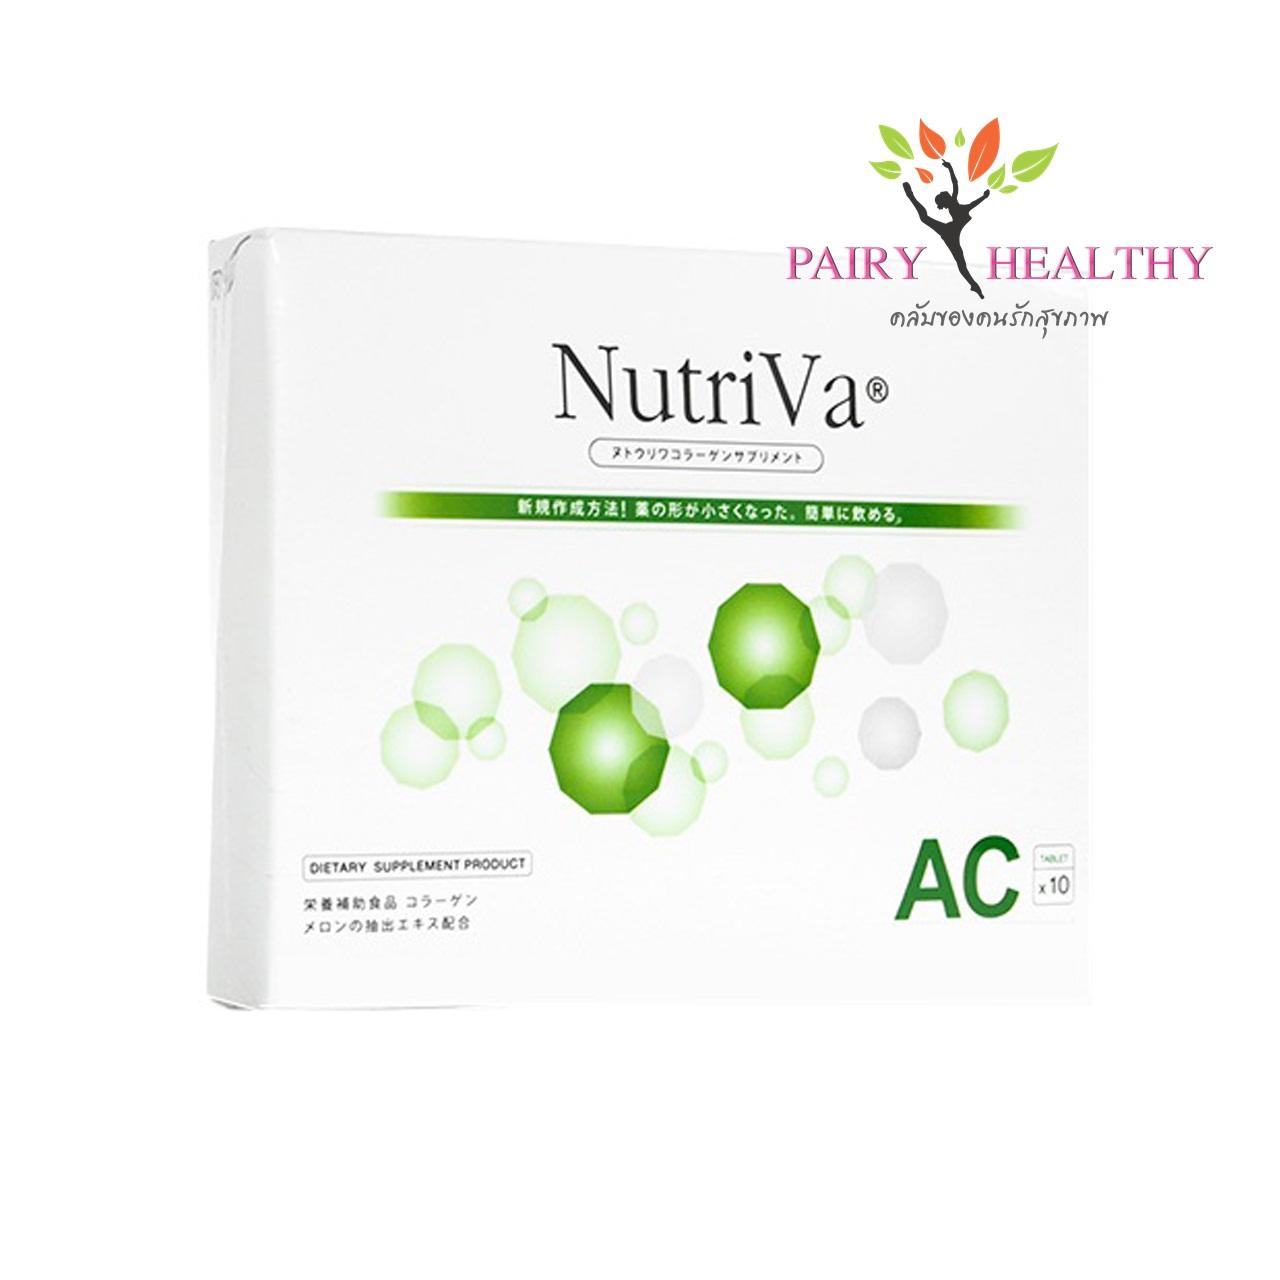 Nutriva AC For Acne นูทริว่า เอซี ฟอร์ แอคเน่ บรรจุ 10 เม็ด ราคา 545 บาท ส่งฟรี